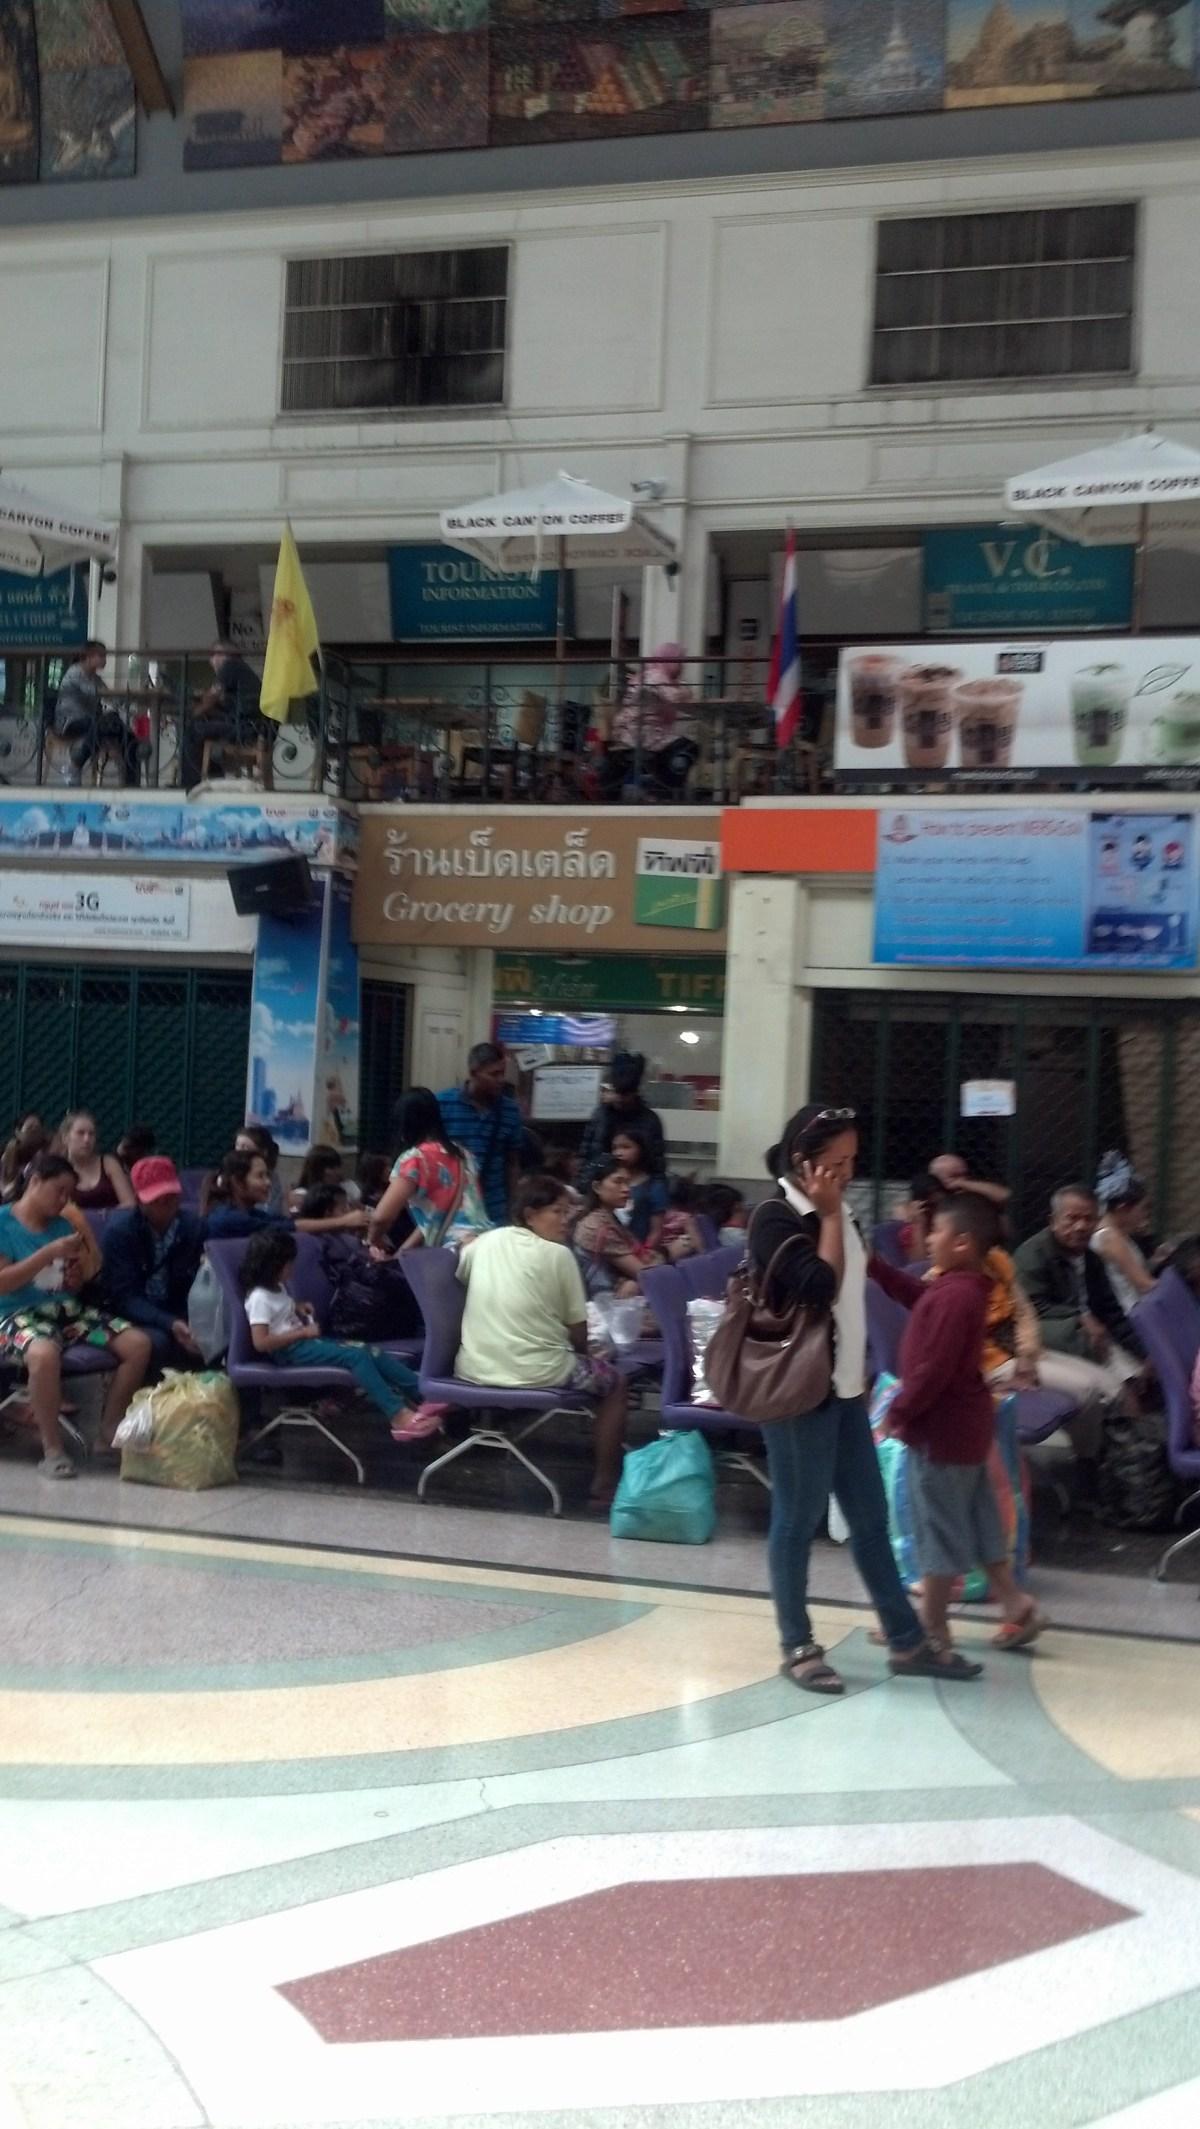 Hualamphong Train Station in Bangkok, Thailand: Photo Gallery